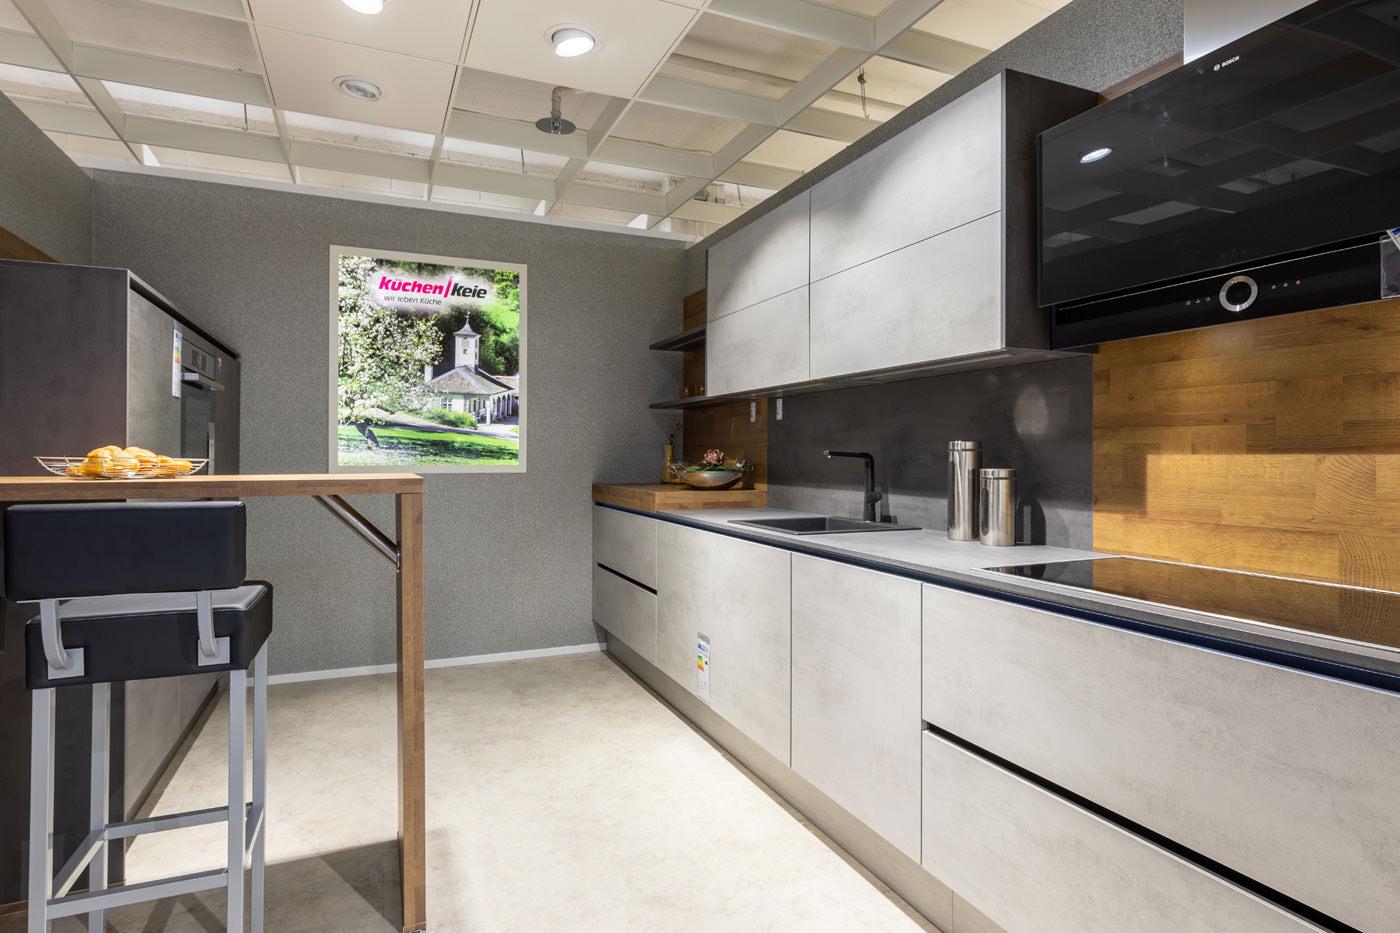 Full Size of Asmo Kuchen Bewertung Caseconradcom Höffner Big Sofa Inselküche Abverkauf Bad Wohnzimmer Ausstellungsküchen Abverkauf Höffner